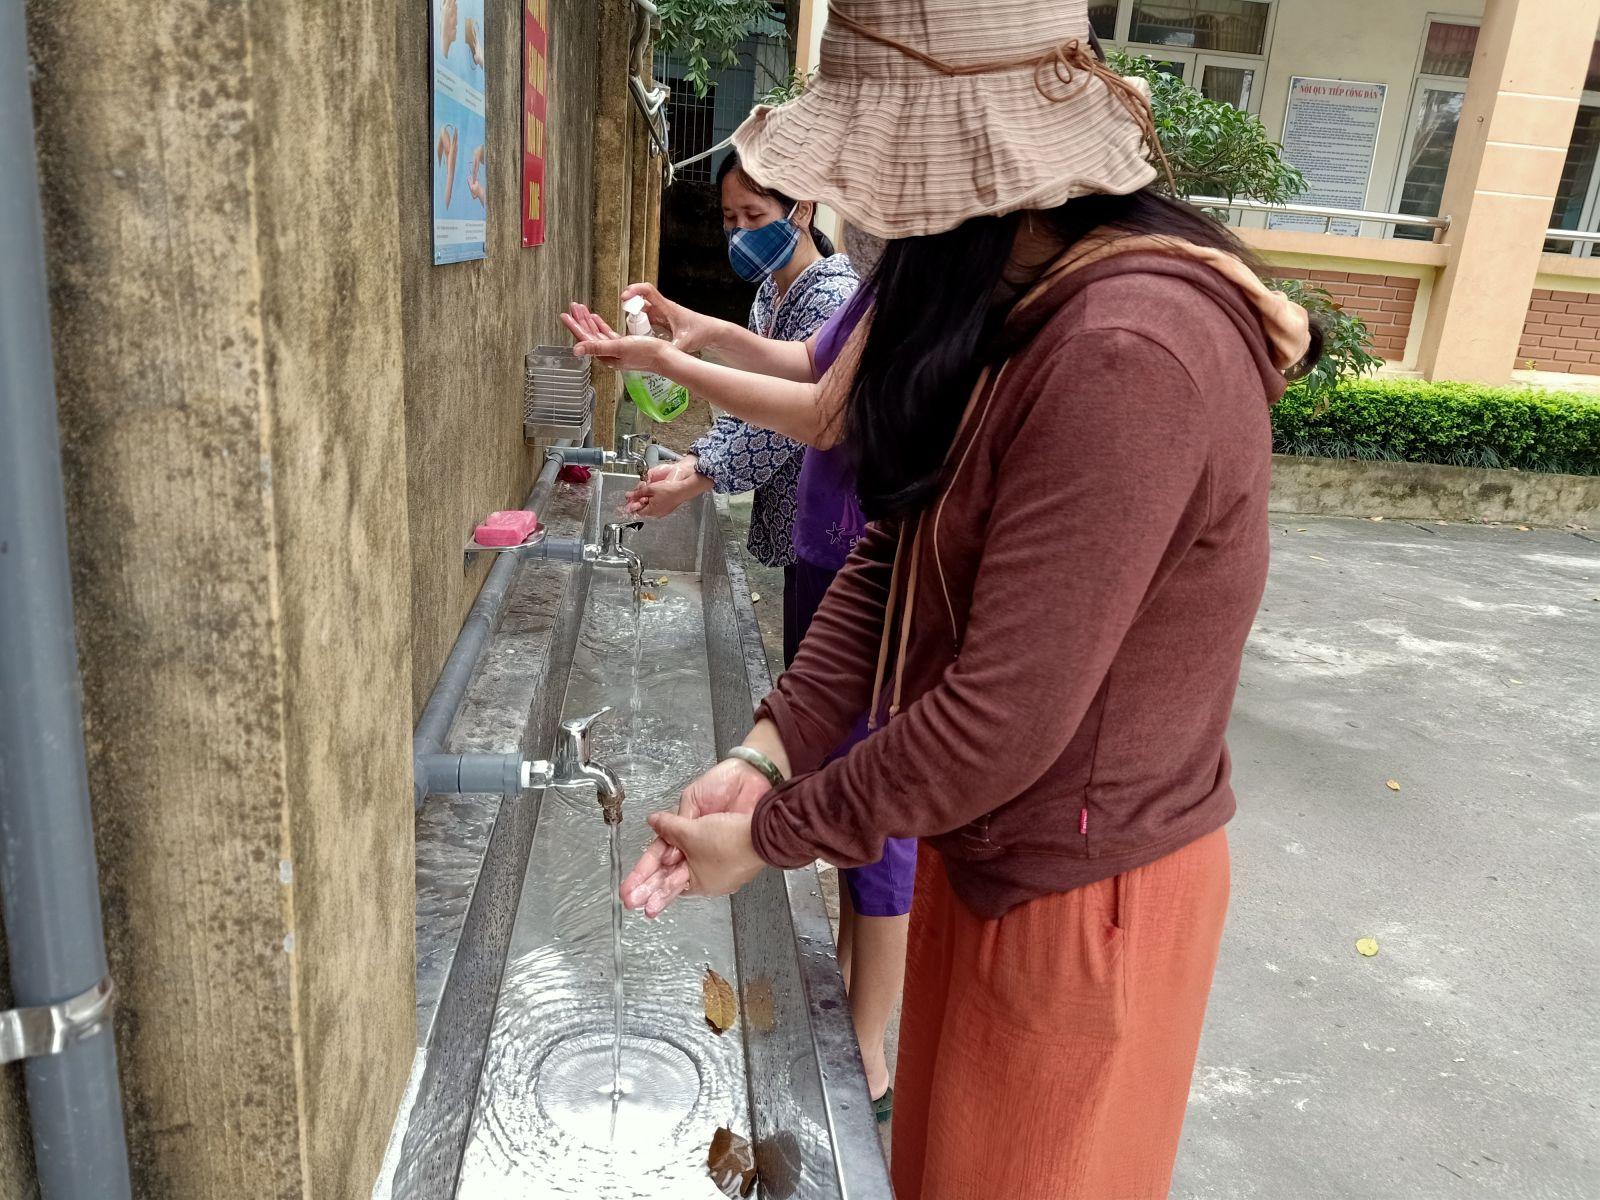 Cán bộ, giáo viên, nhân viên trường Tiểu học Đồng Văn thực hiện nghiêm túc việc vệ sinh rửa tay bằng xà phòng, nước rửa tay và dung dịch khử trùng